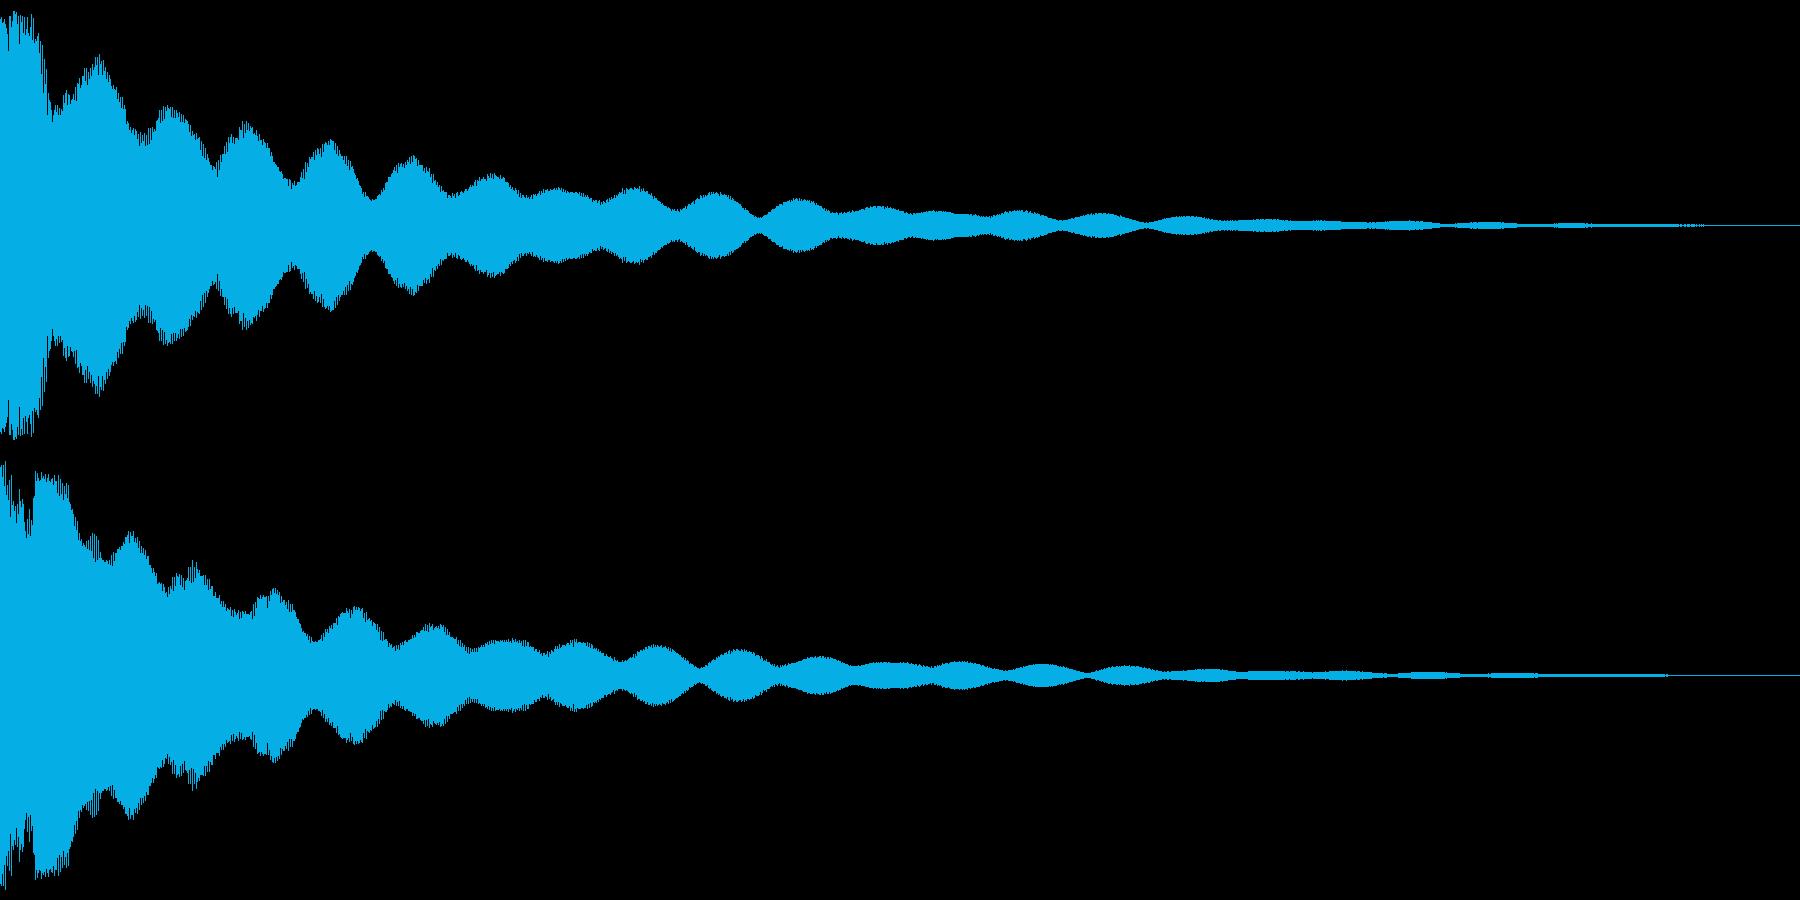 チーン 仏具の鐘、お鈴 ver.Bの再生済みの波形